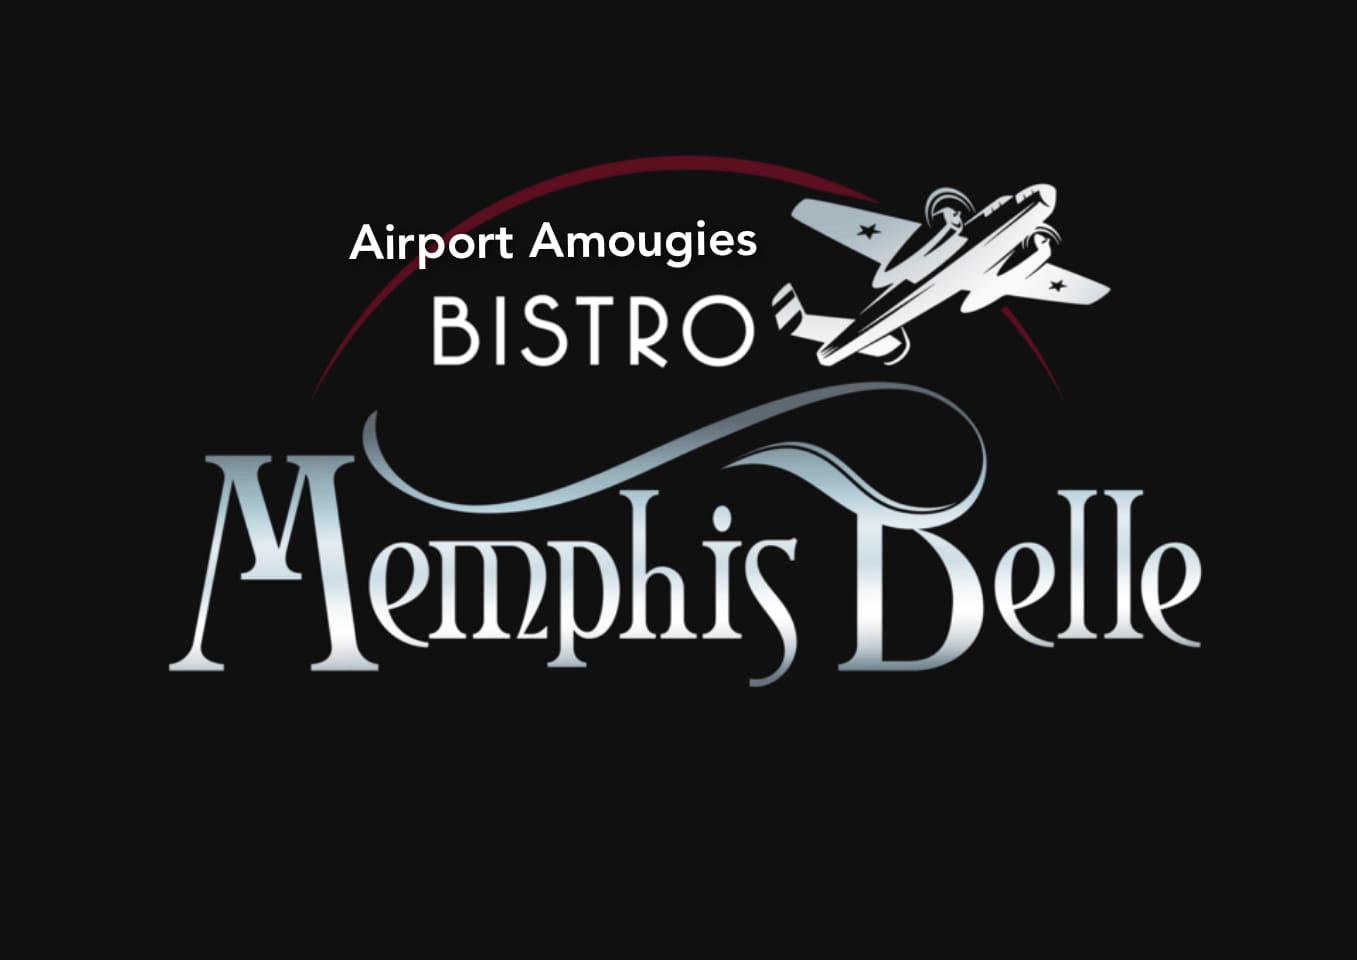 Le Bistro Memphis Belle